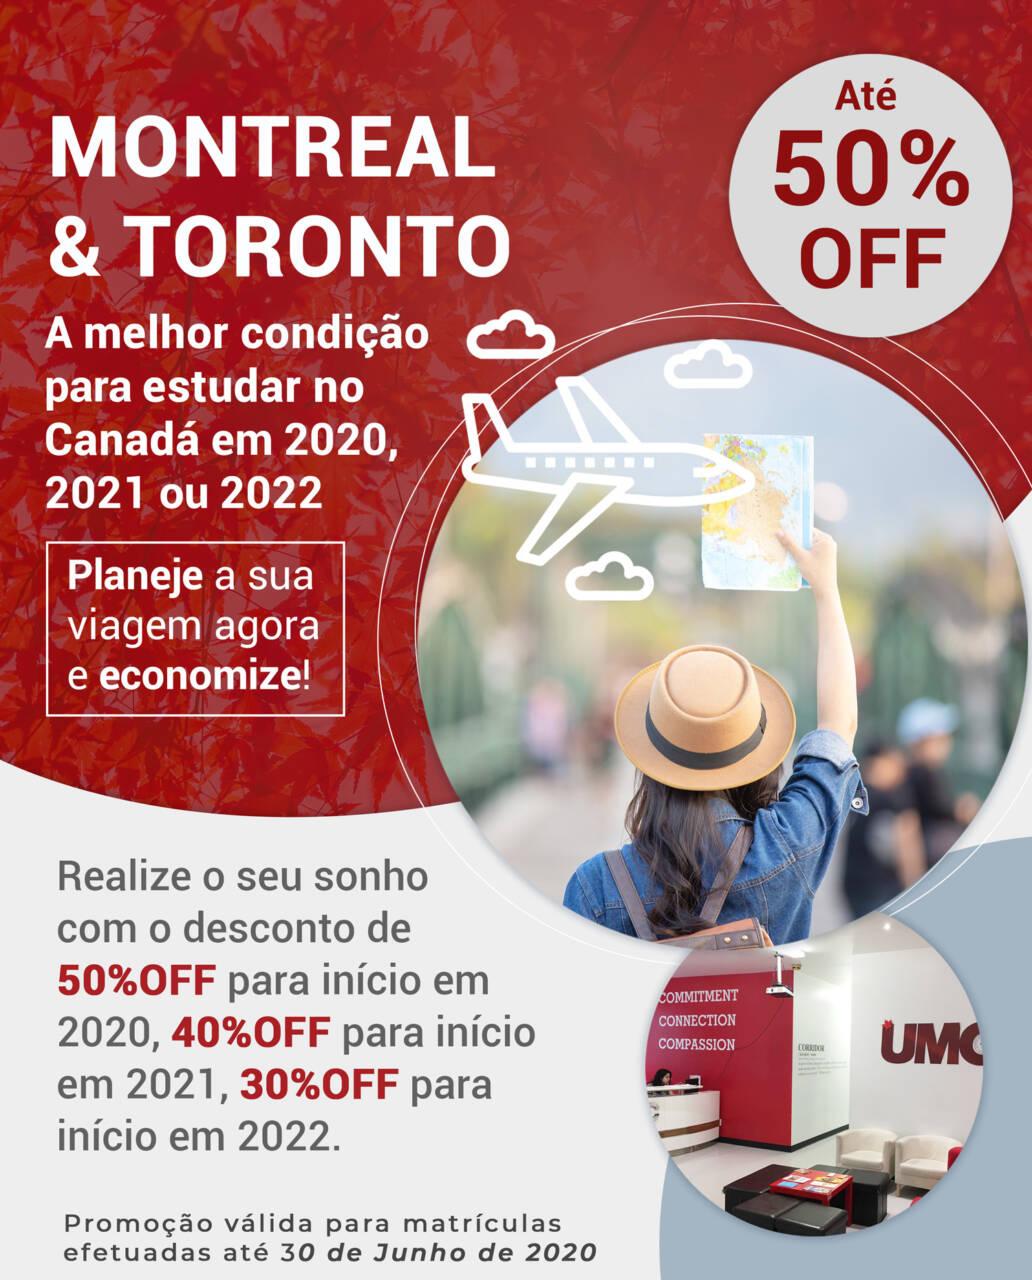 Estude em Montreal ou Toronto com até 50% de desconto